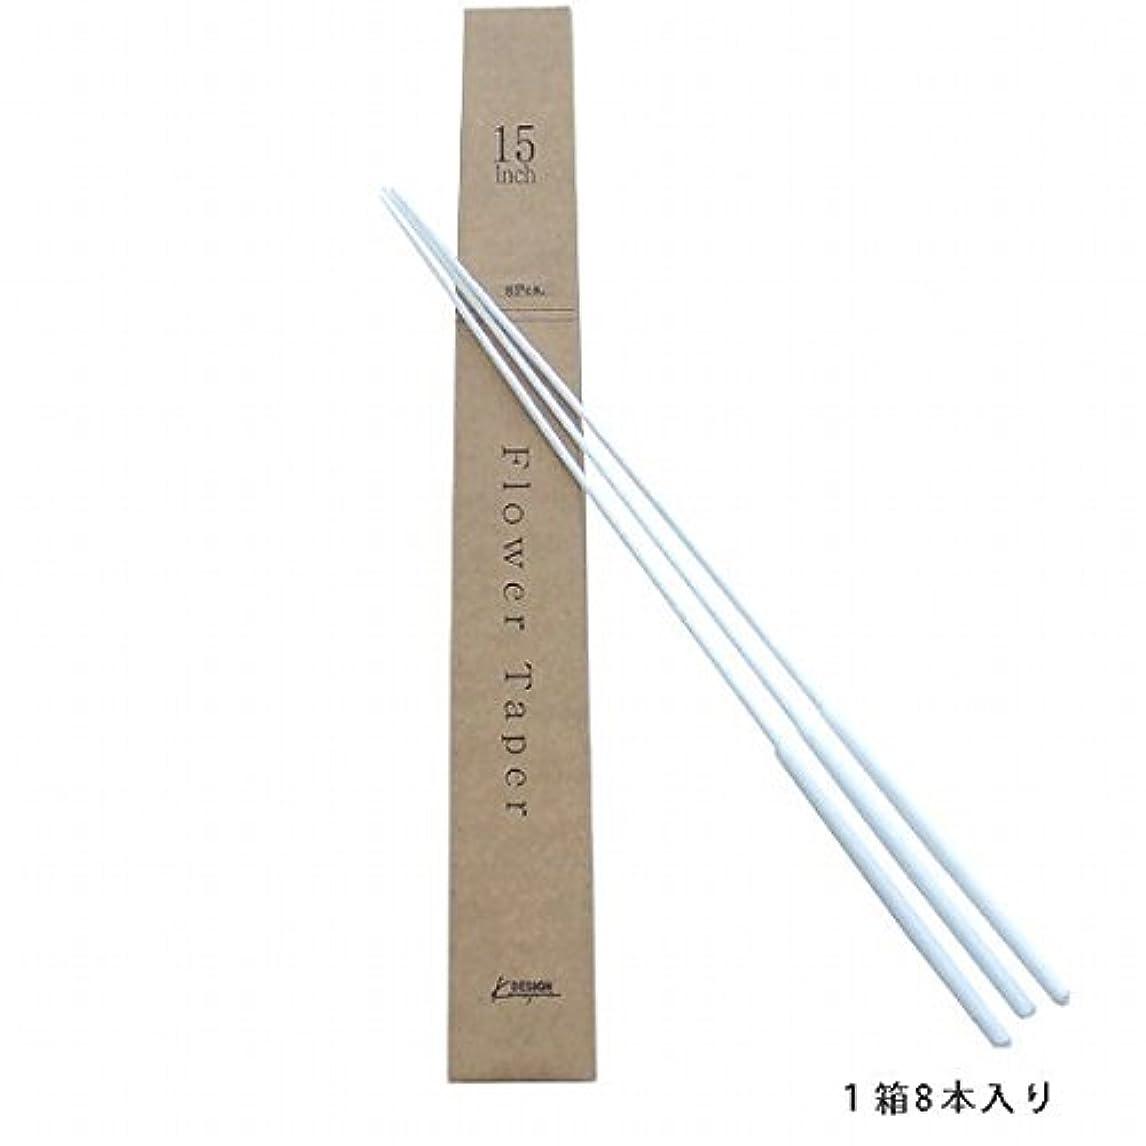 通常フォーマット比較的カメヤマキャンドル( kameyama candle ) 15インチトーチ用フラワーテーパー 8本入 「 ホワイト 」